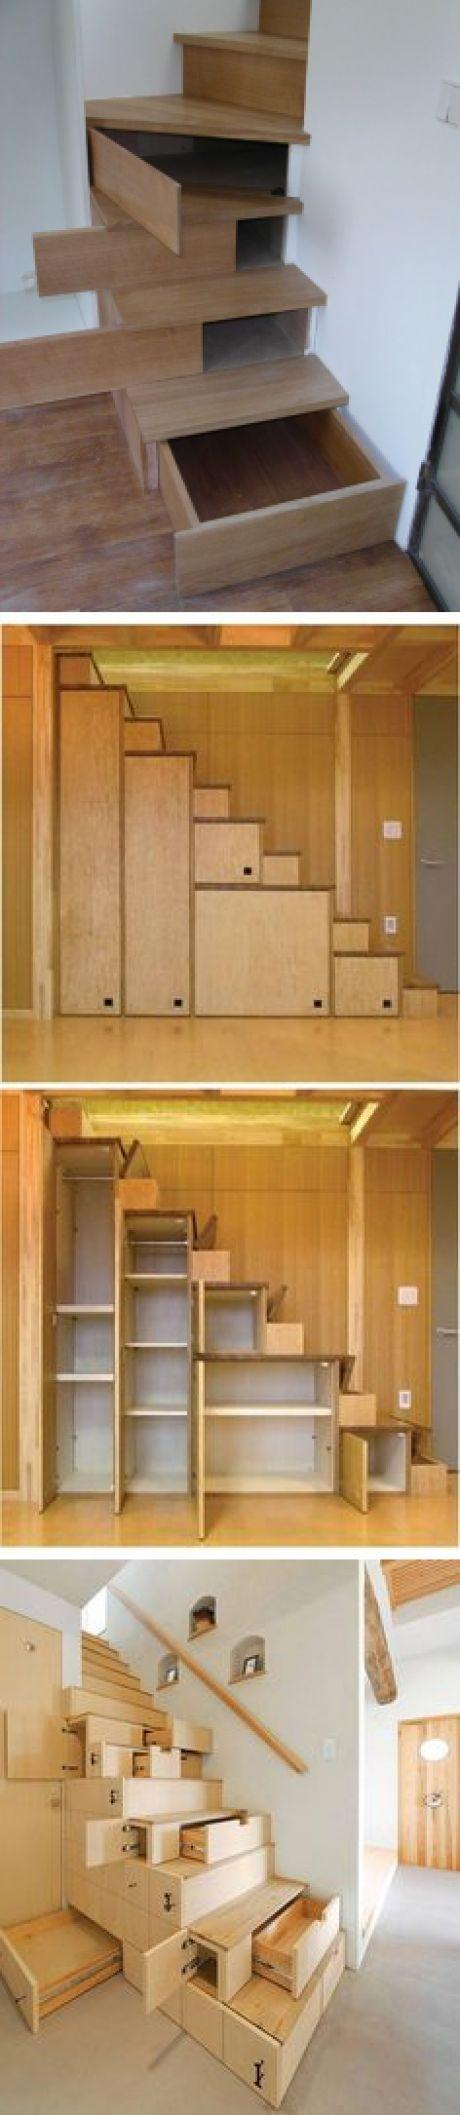 (21) Hidden Storage In Stairs - http://www.stashvault.com/hidden-storage-in-stairs-2/   STORAGE